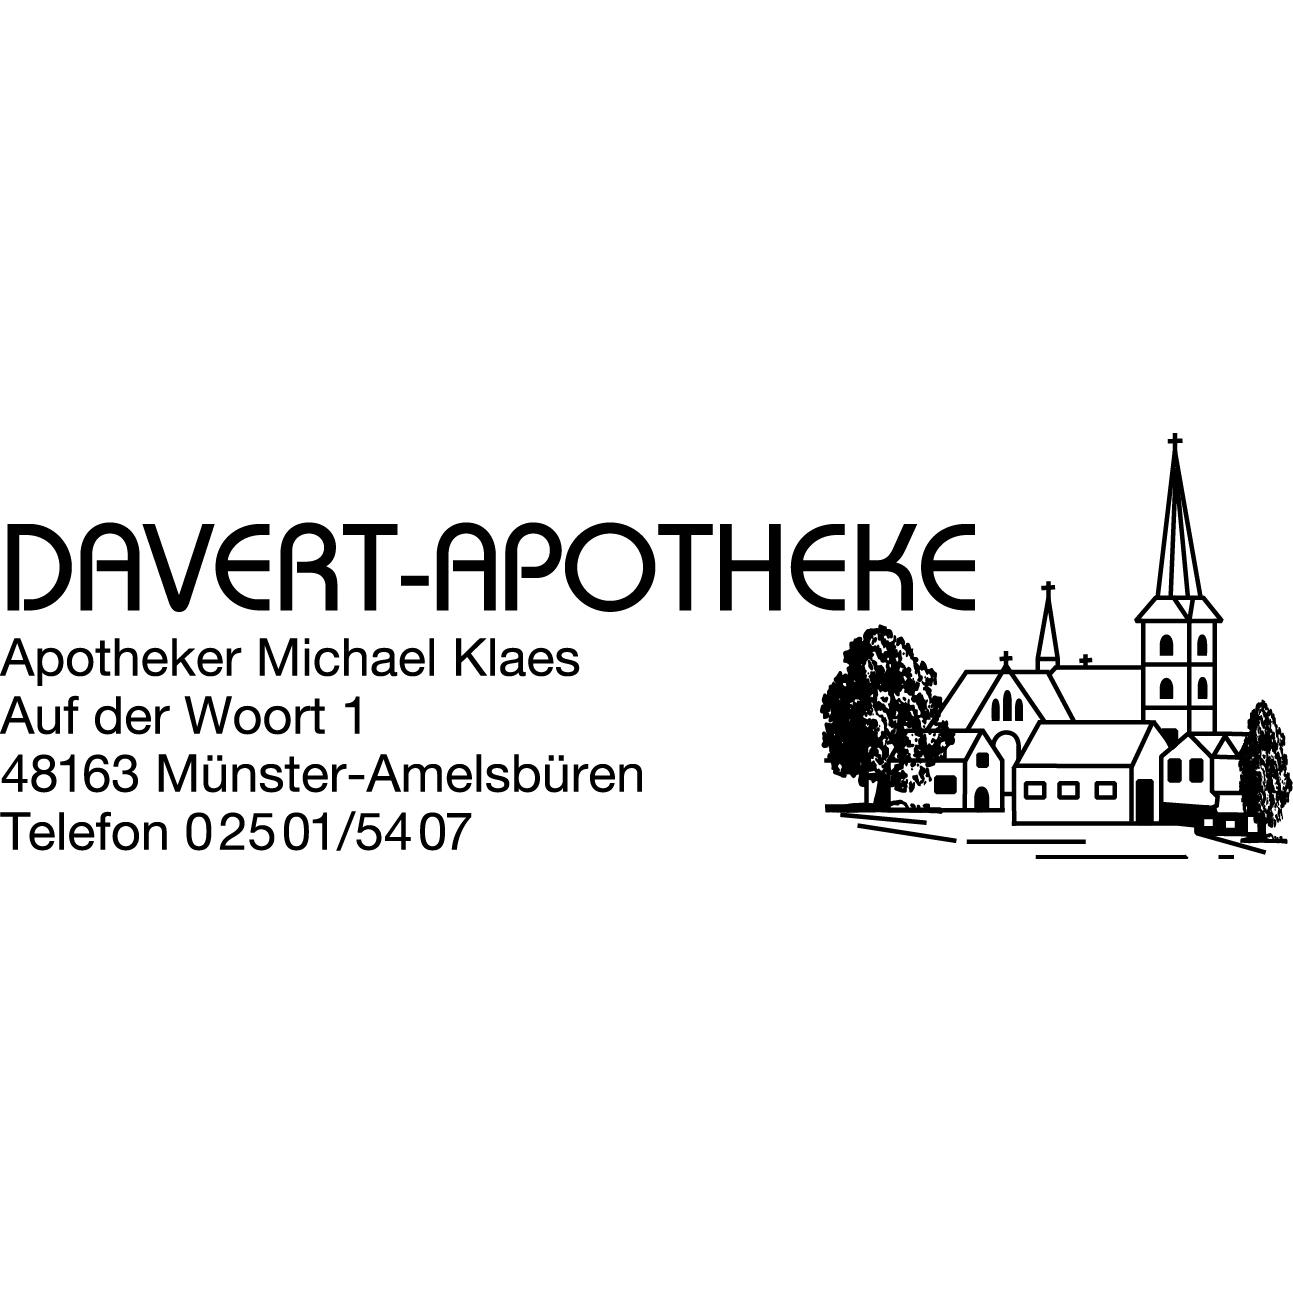 Davert-Apotheke e.K.